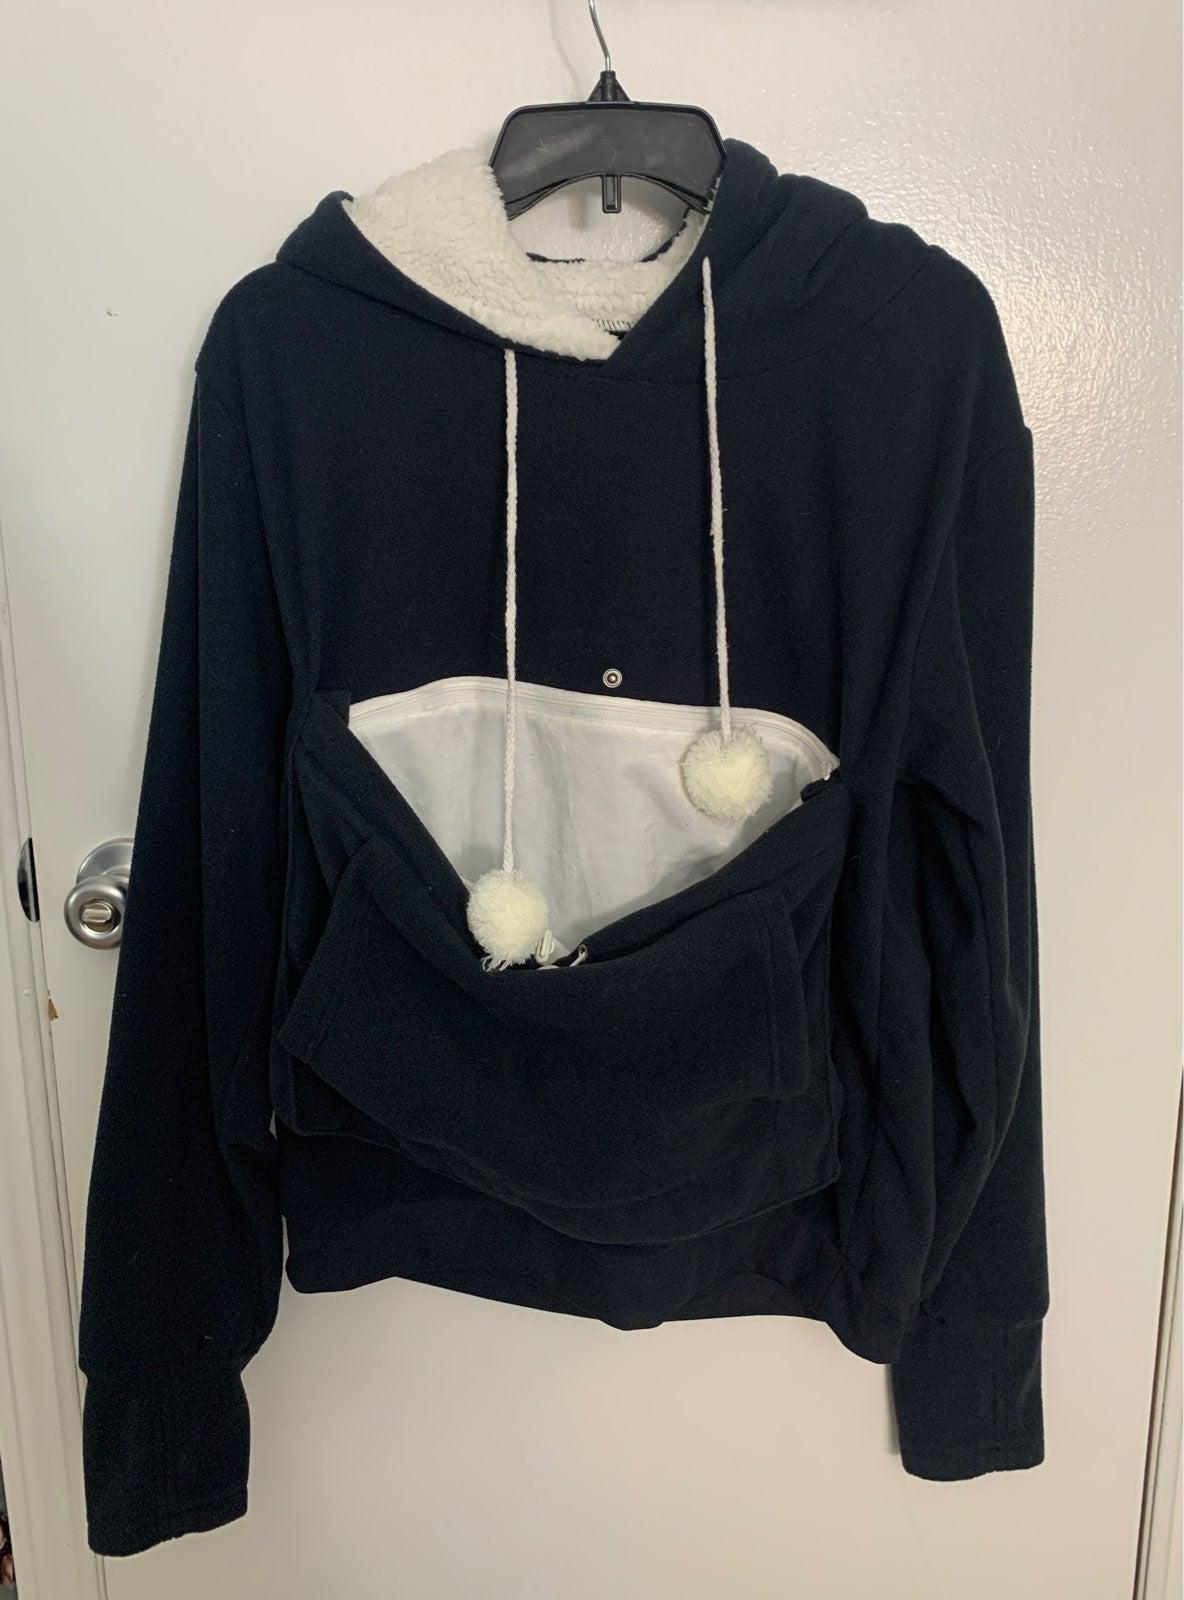 Pet holder hoodie